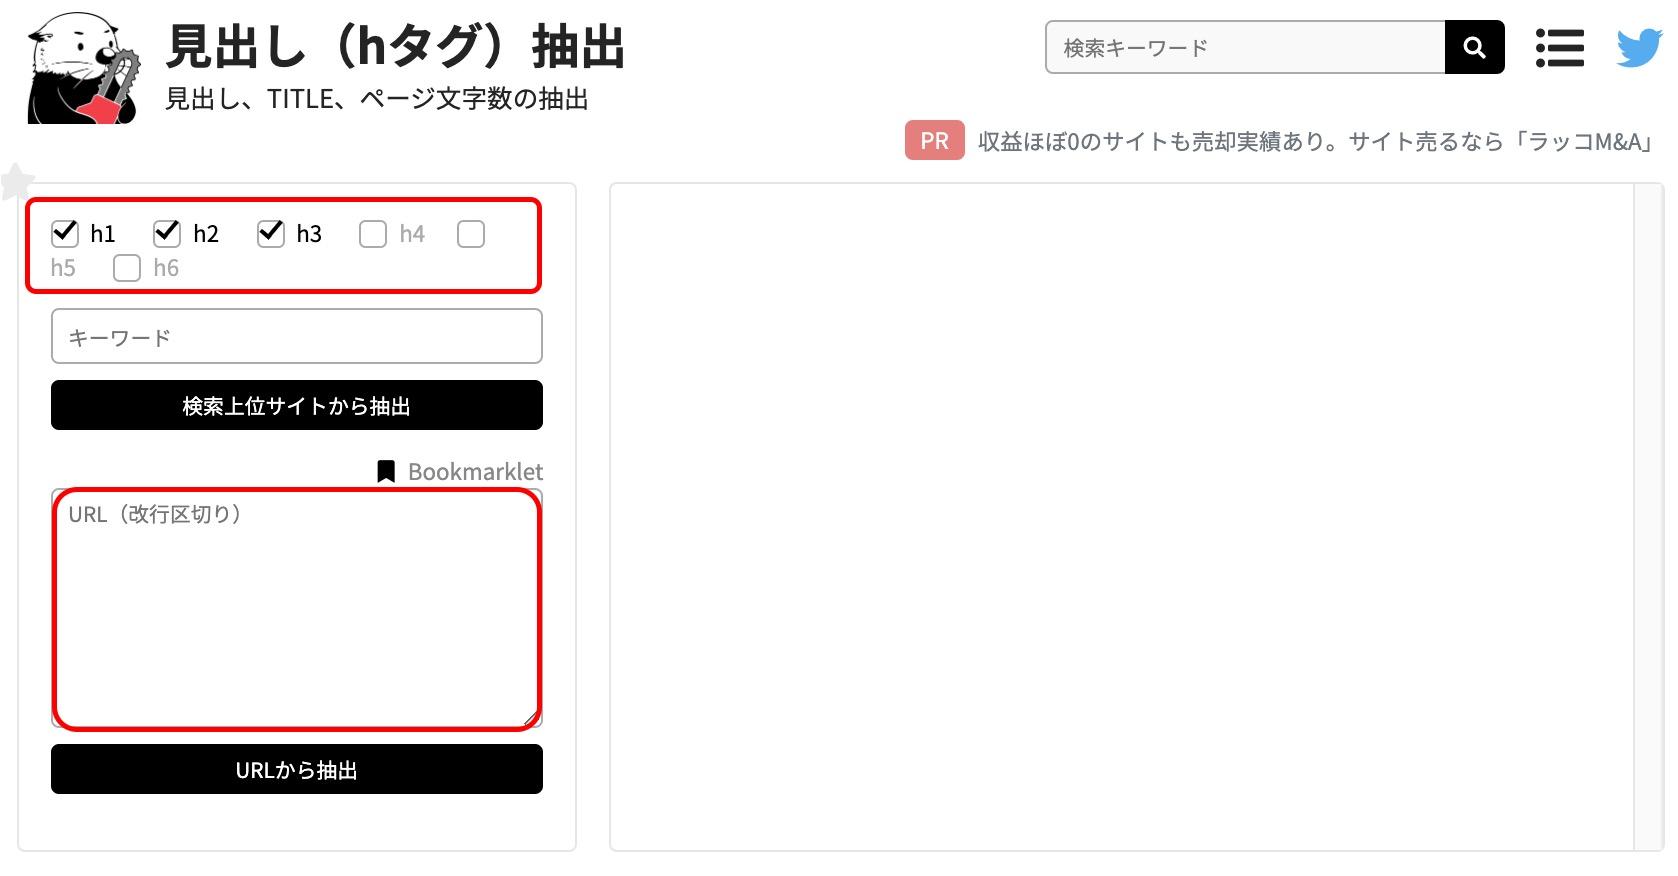 STEP③_設定画面から対象サイトのURLを入力する